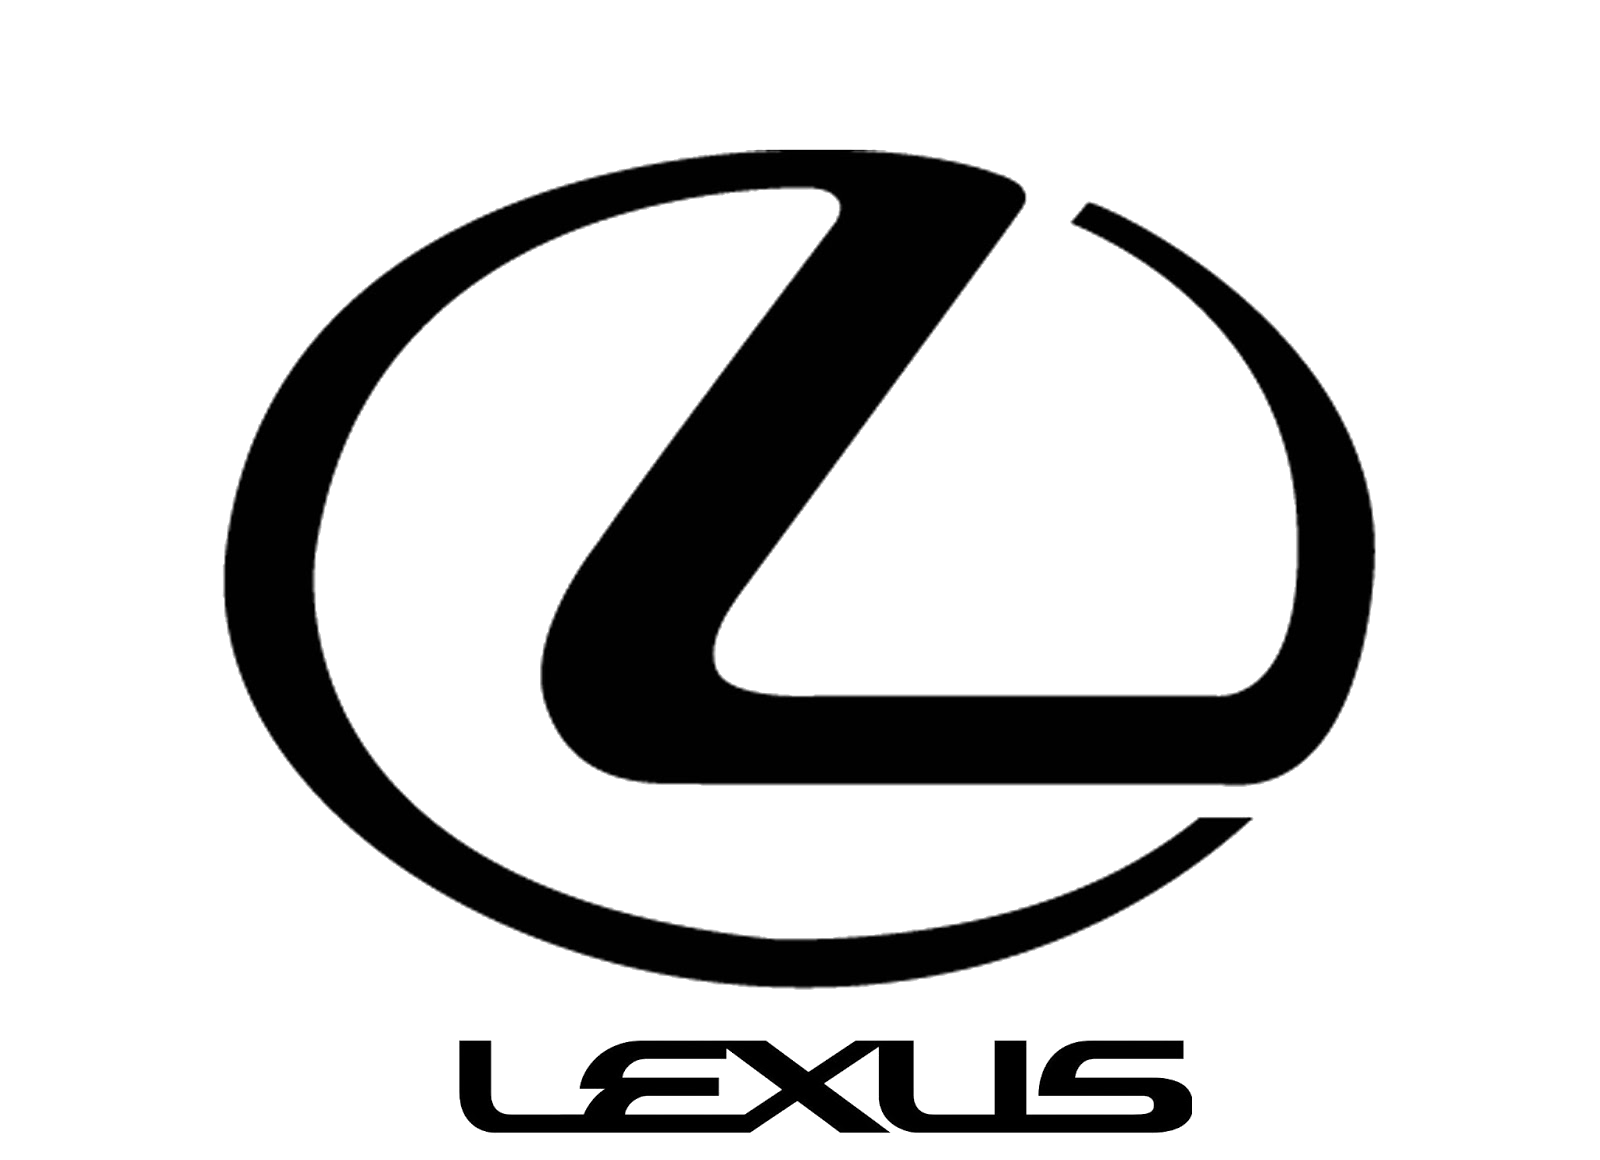 Lexus-logo-2.png